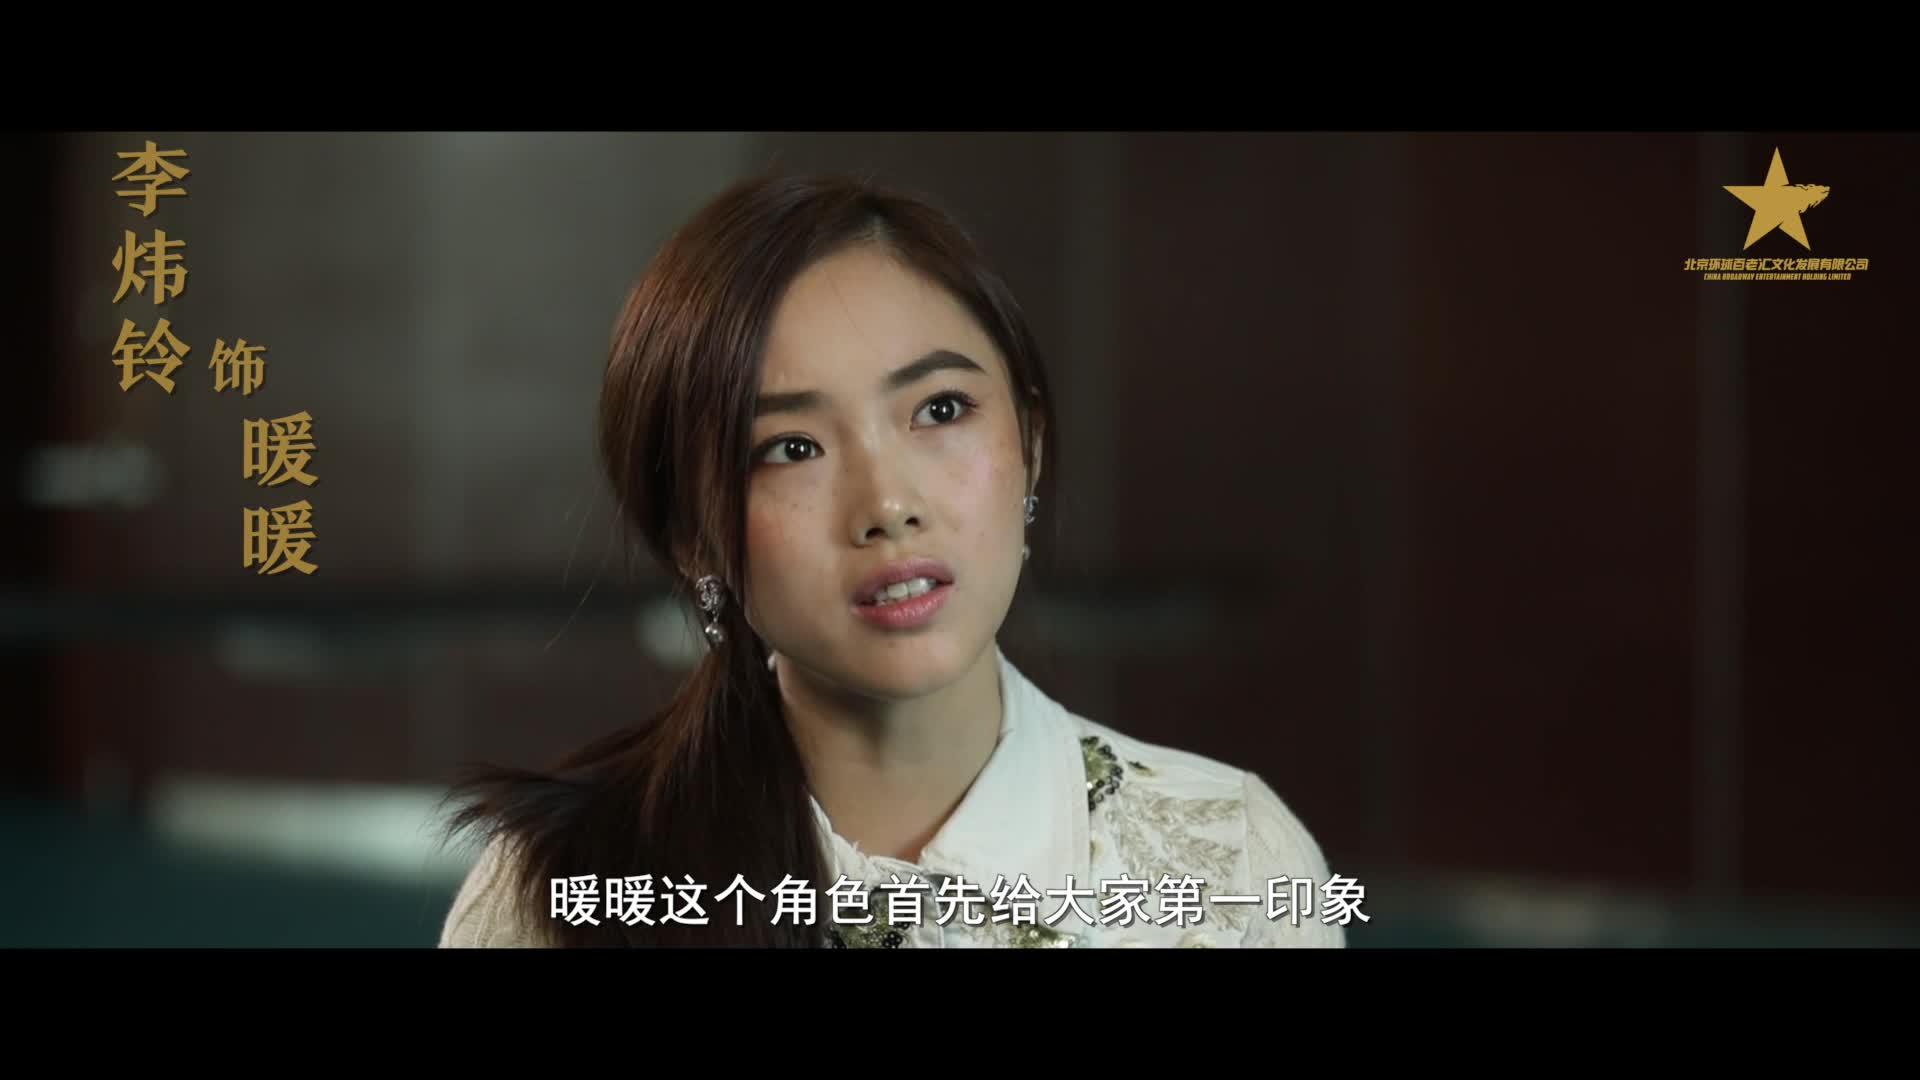 音乐剧《当爱已成往事》人物特辑之暖暖:李炜铃黄米依谈出演感受